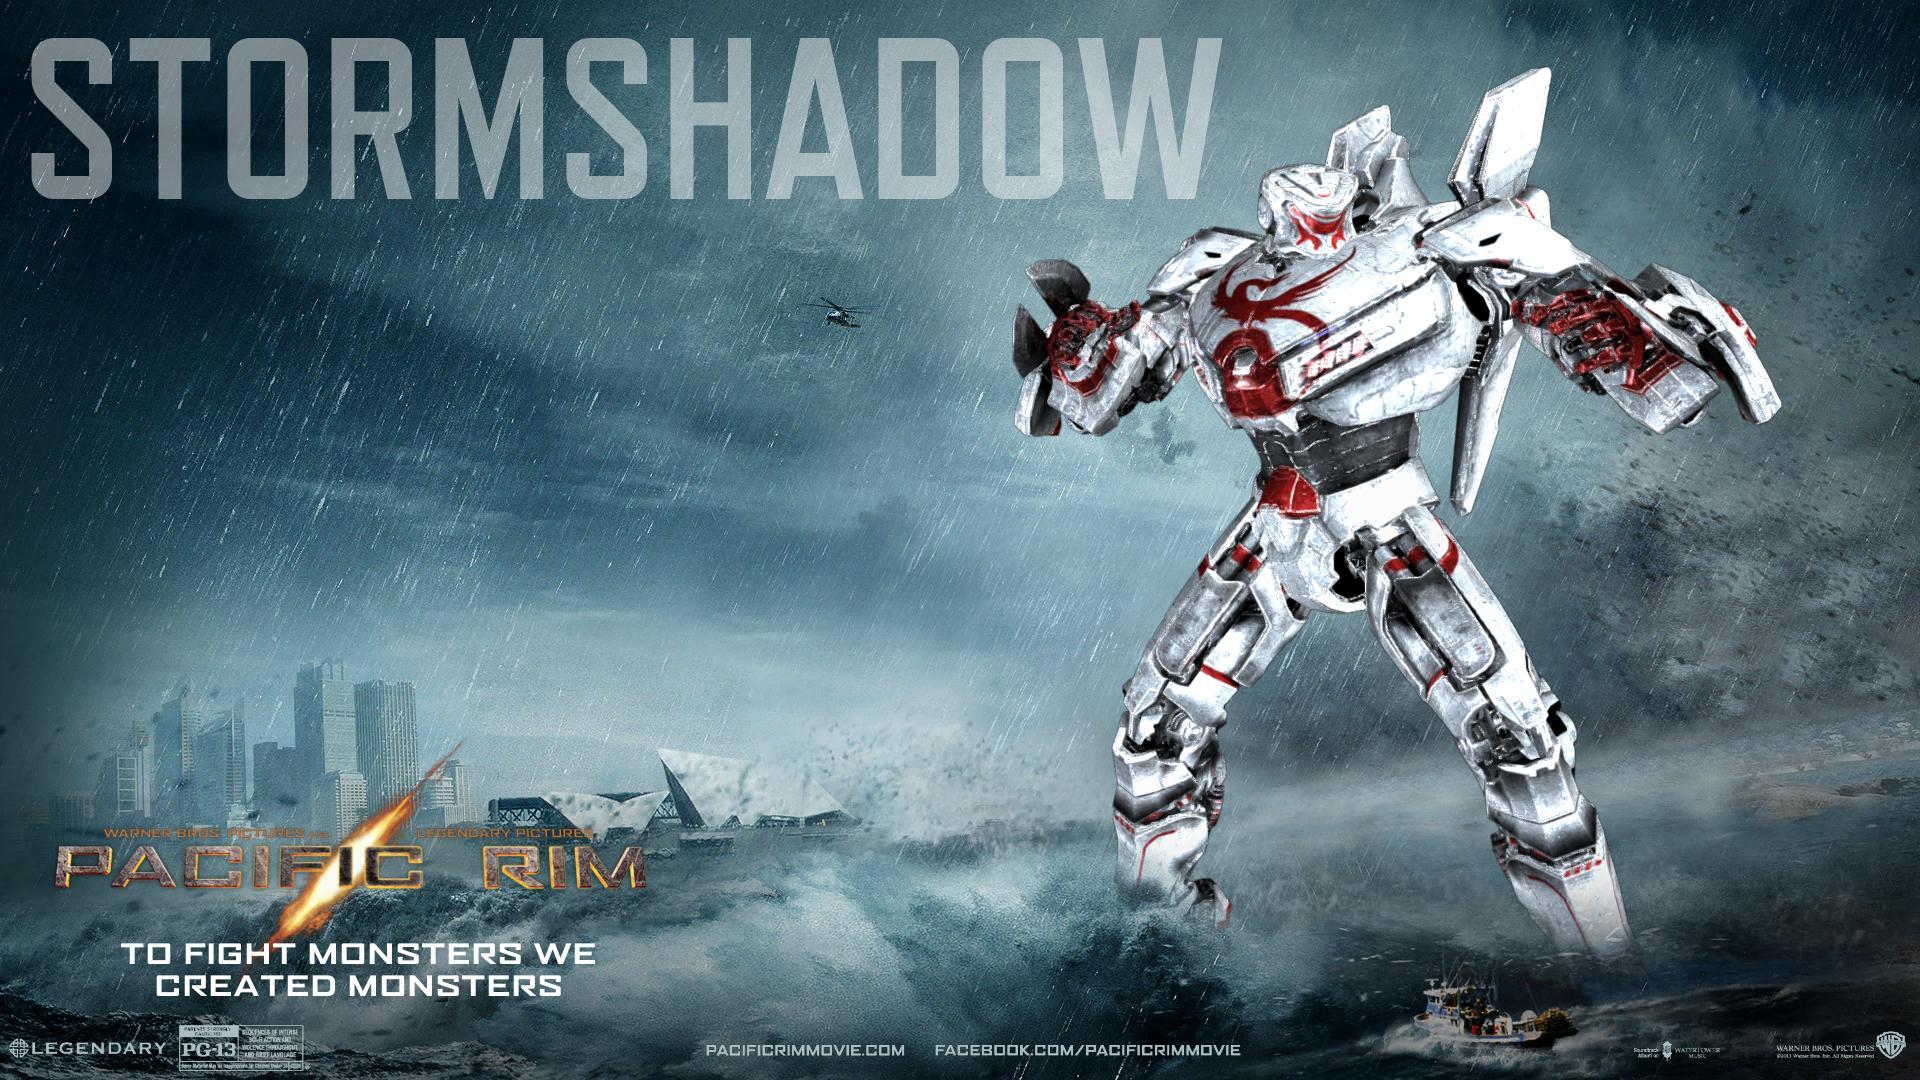 Storm shadow wallpaper